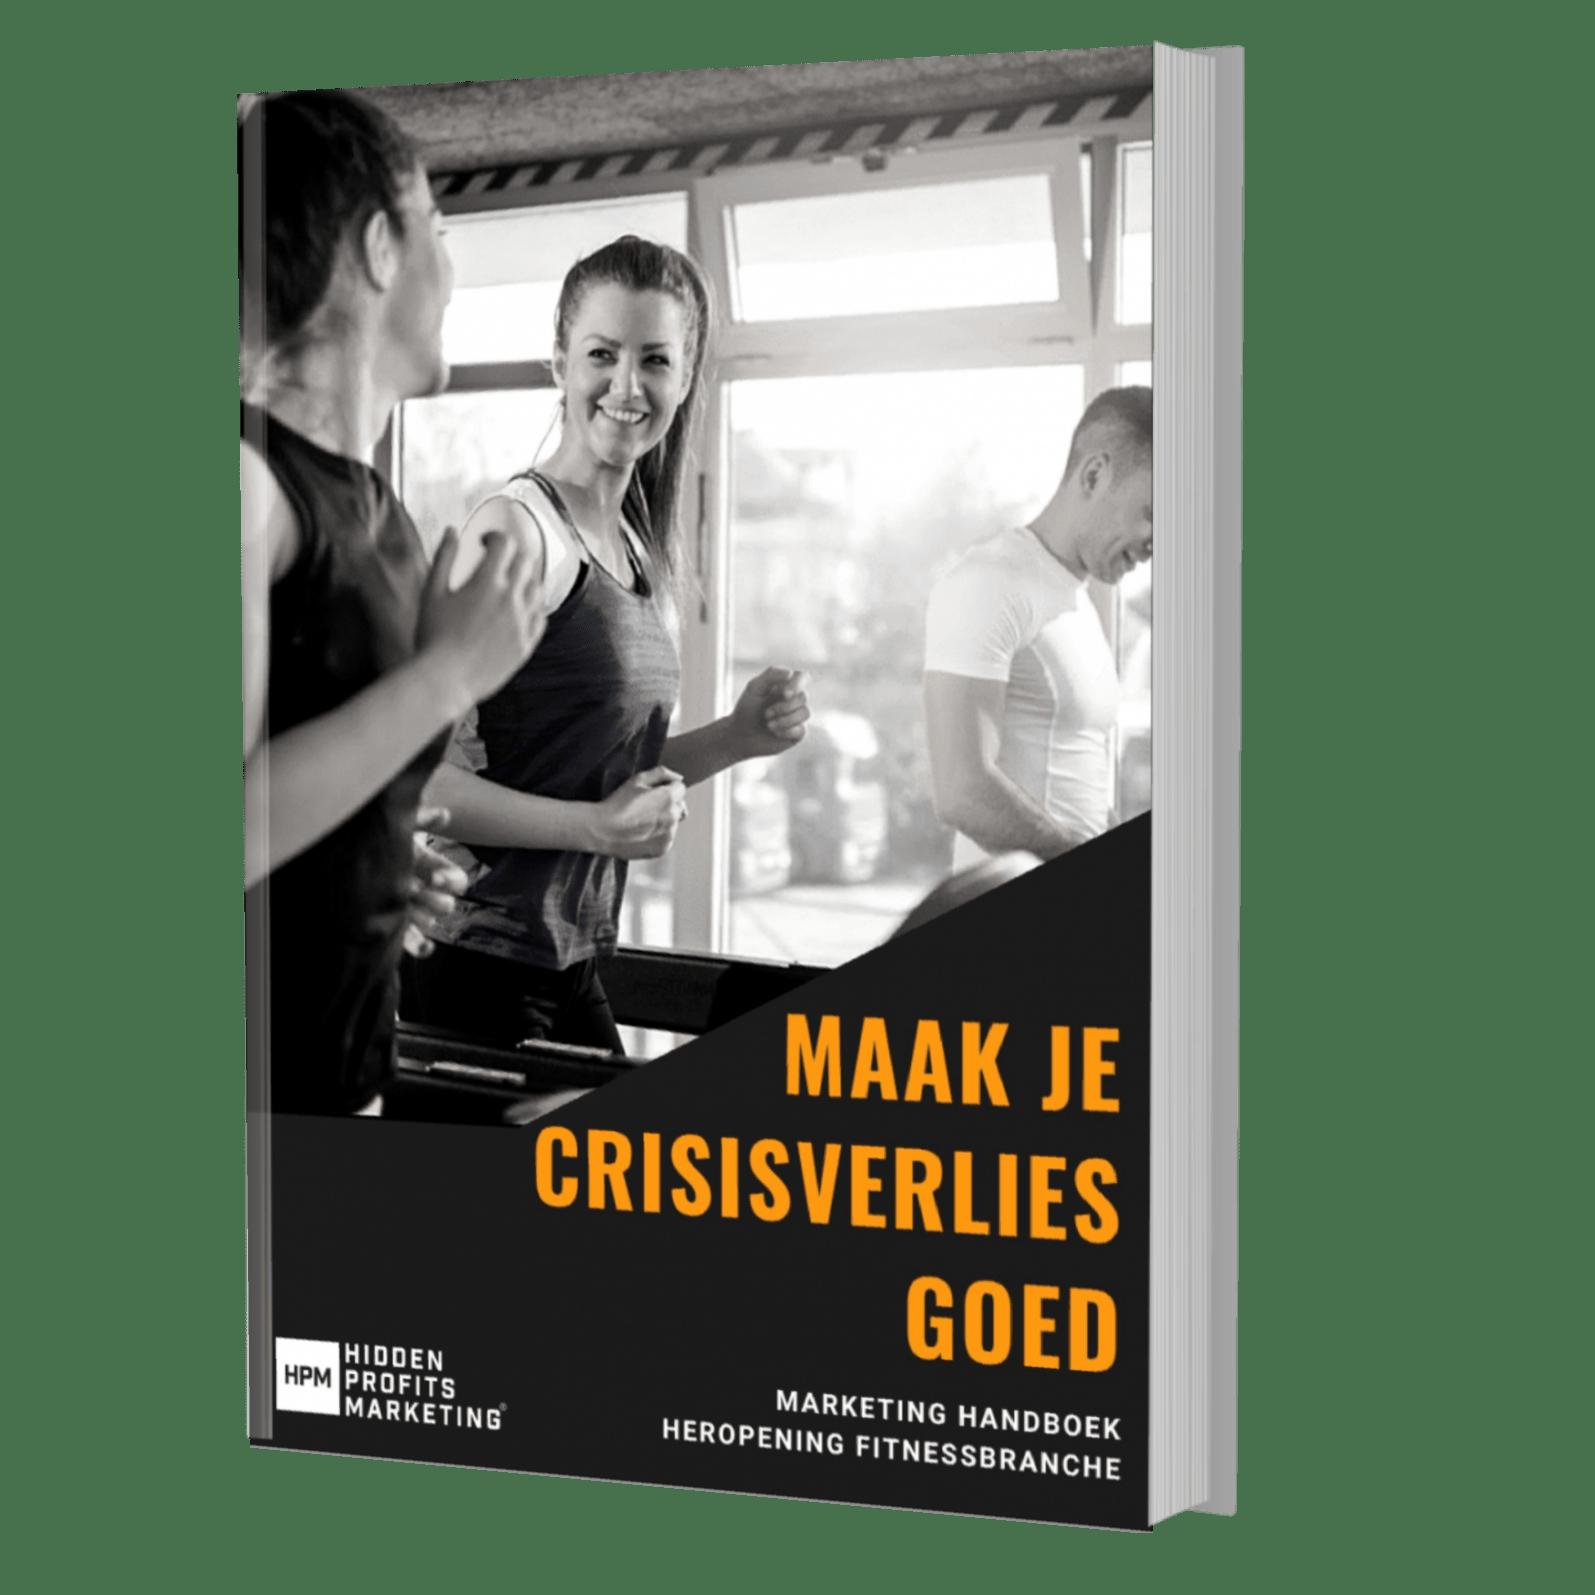 'Maak je crisisverlies goed' - Download kosteloos het Nieuwe Marketinghandboek Heropening Fitnessbranche (PDF)